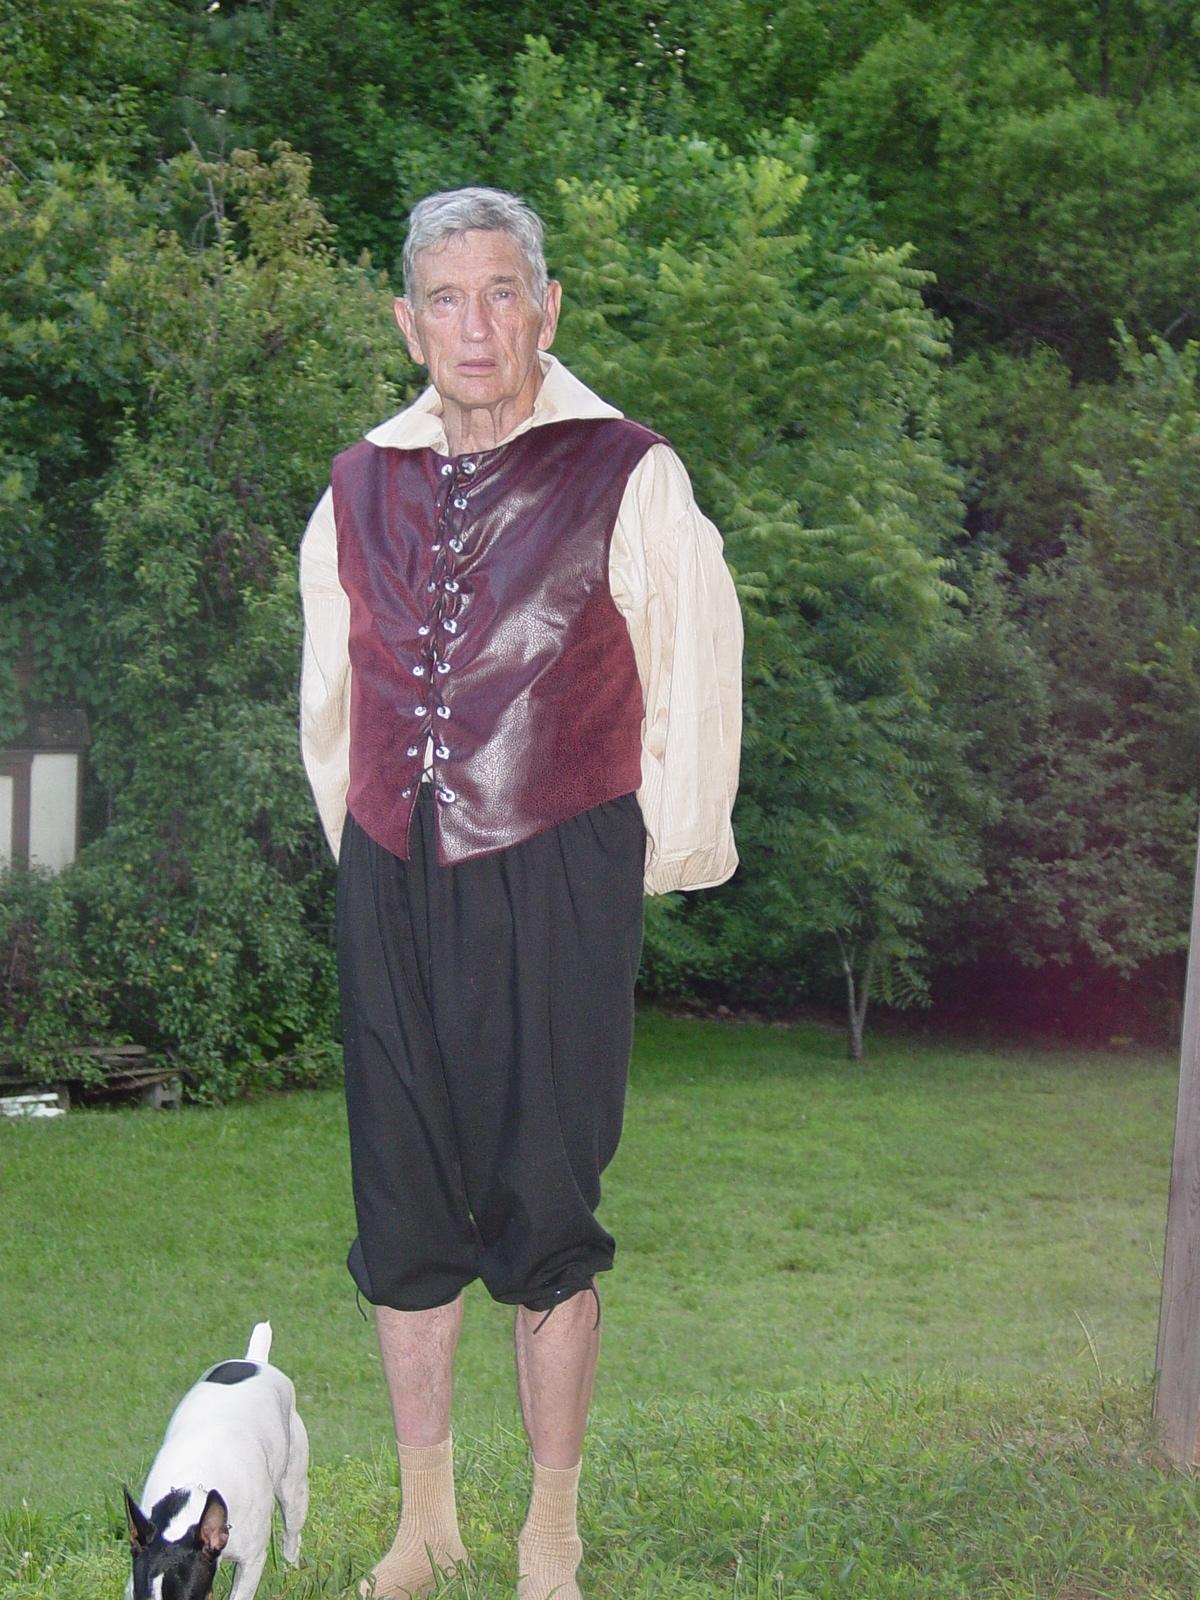 Don in Ren Fest Garb - July 2008